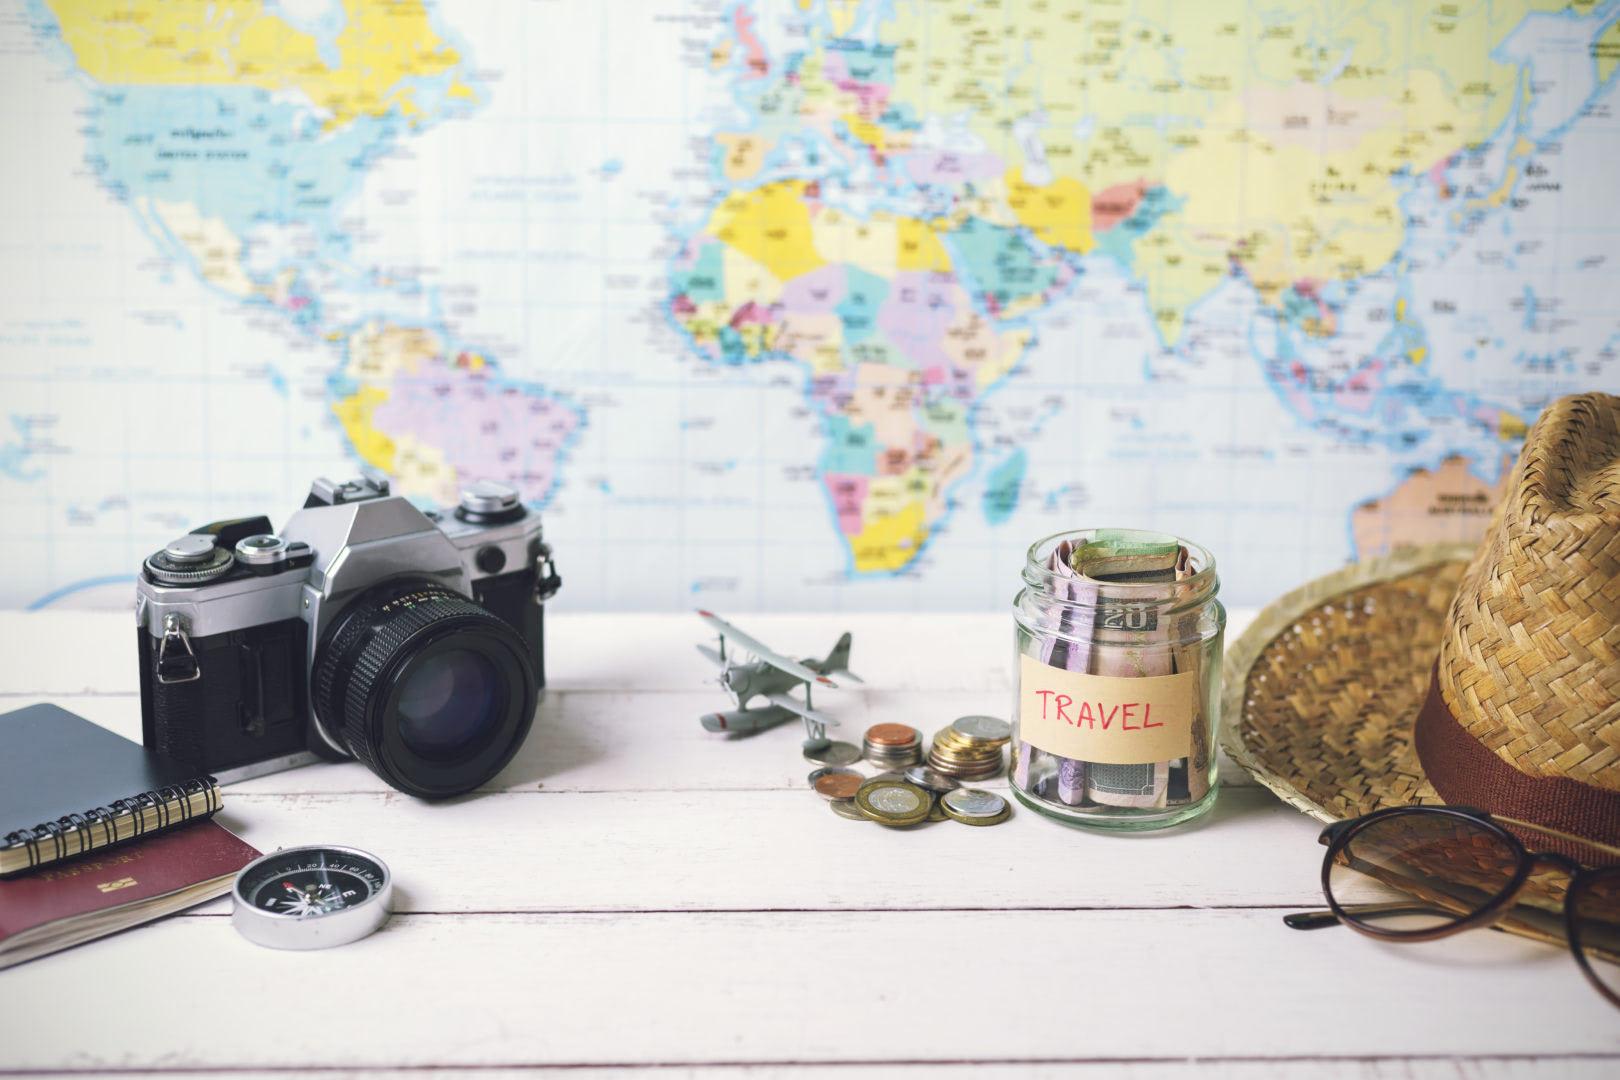 Wie viel kostet eine Reise?   Bei TCS Reisen erhalten Sie Qualität zum richtigen Preis